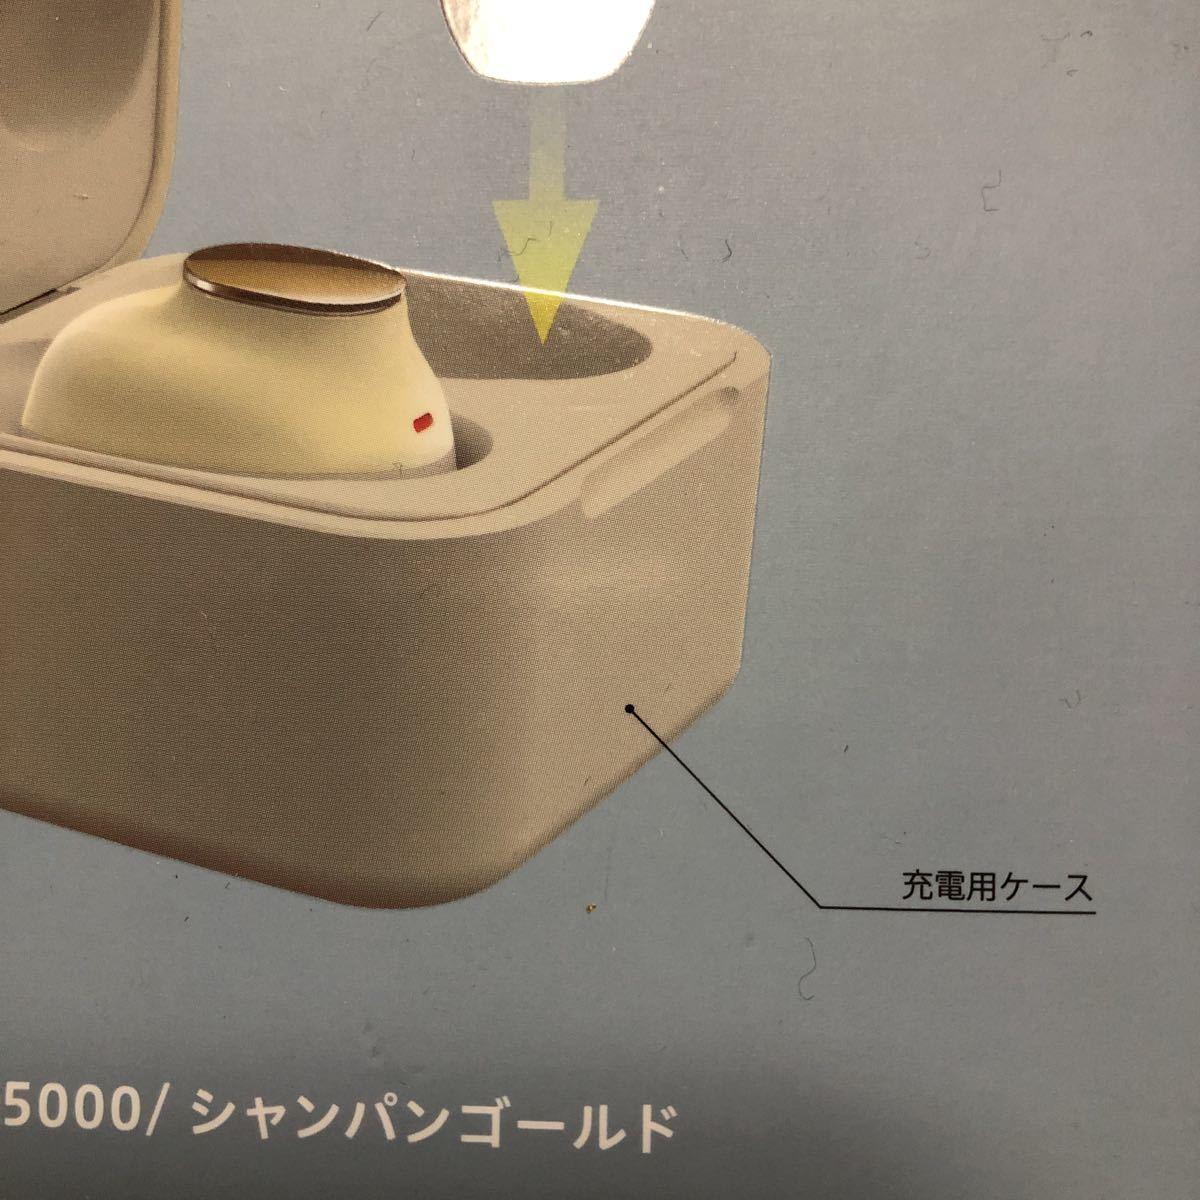 【新品未使用】ソフトバンク完全ワイヤレスイヤホン GLIDIC Sound Air TW-5000/シャンパンゴールド_画像6